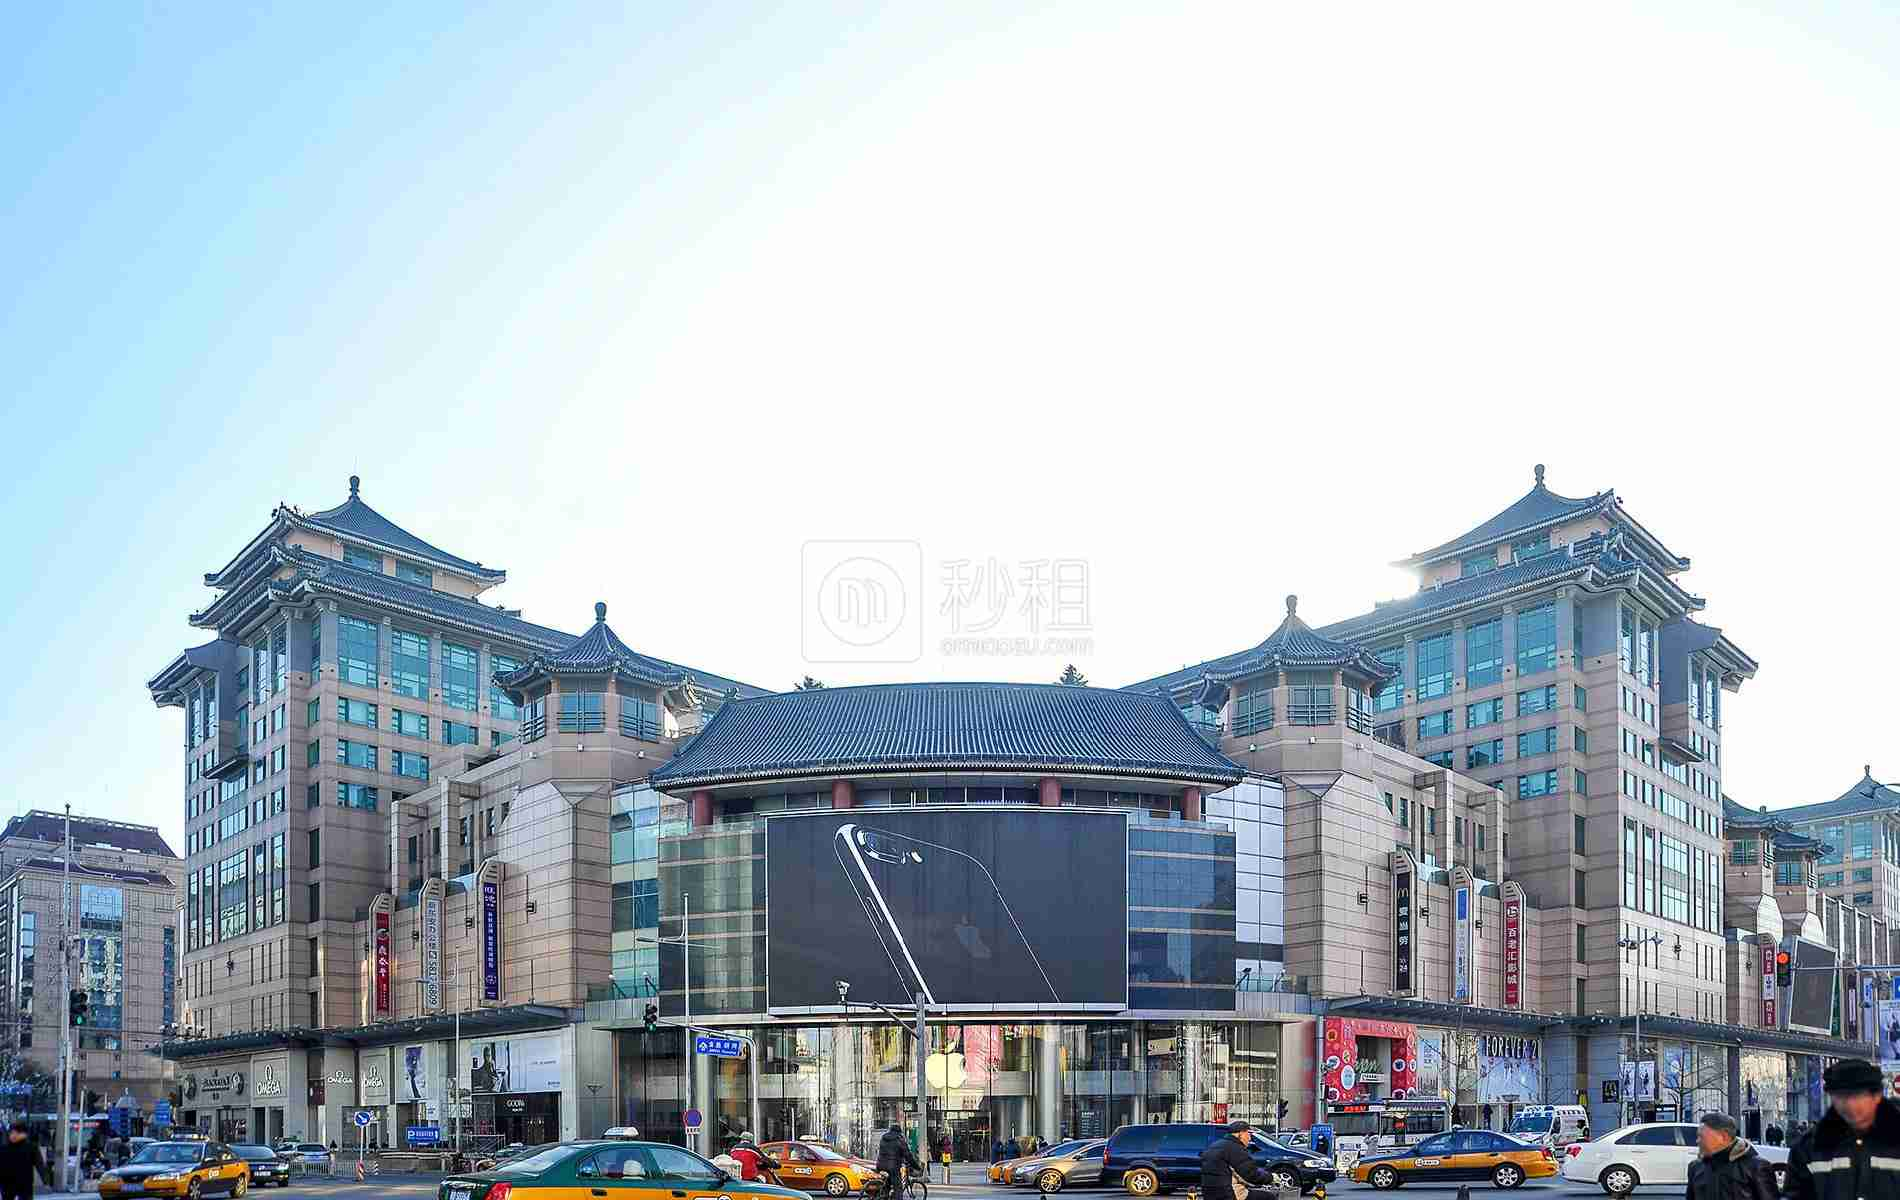 新东安广场写字楼出租/招租/租赁,新东安广场办公室出租/招租/租赁